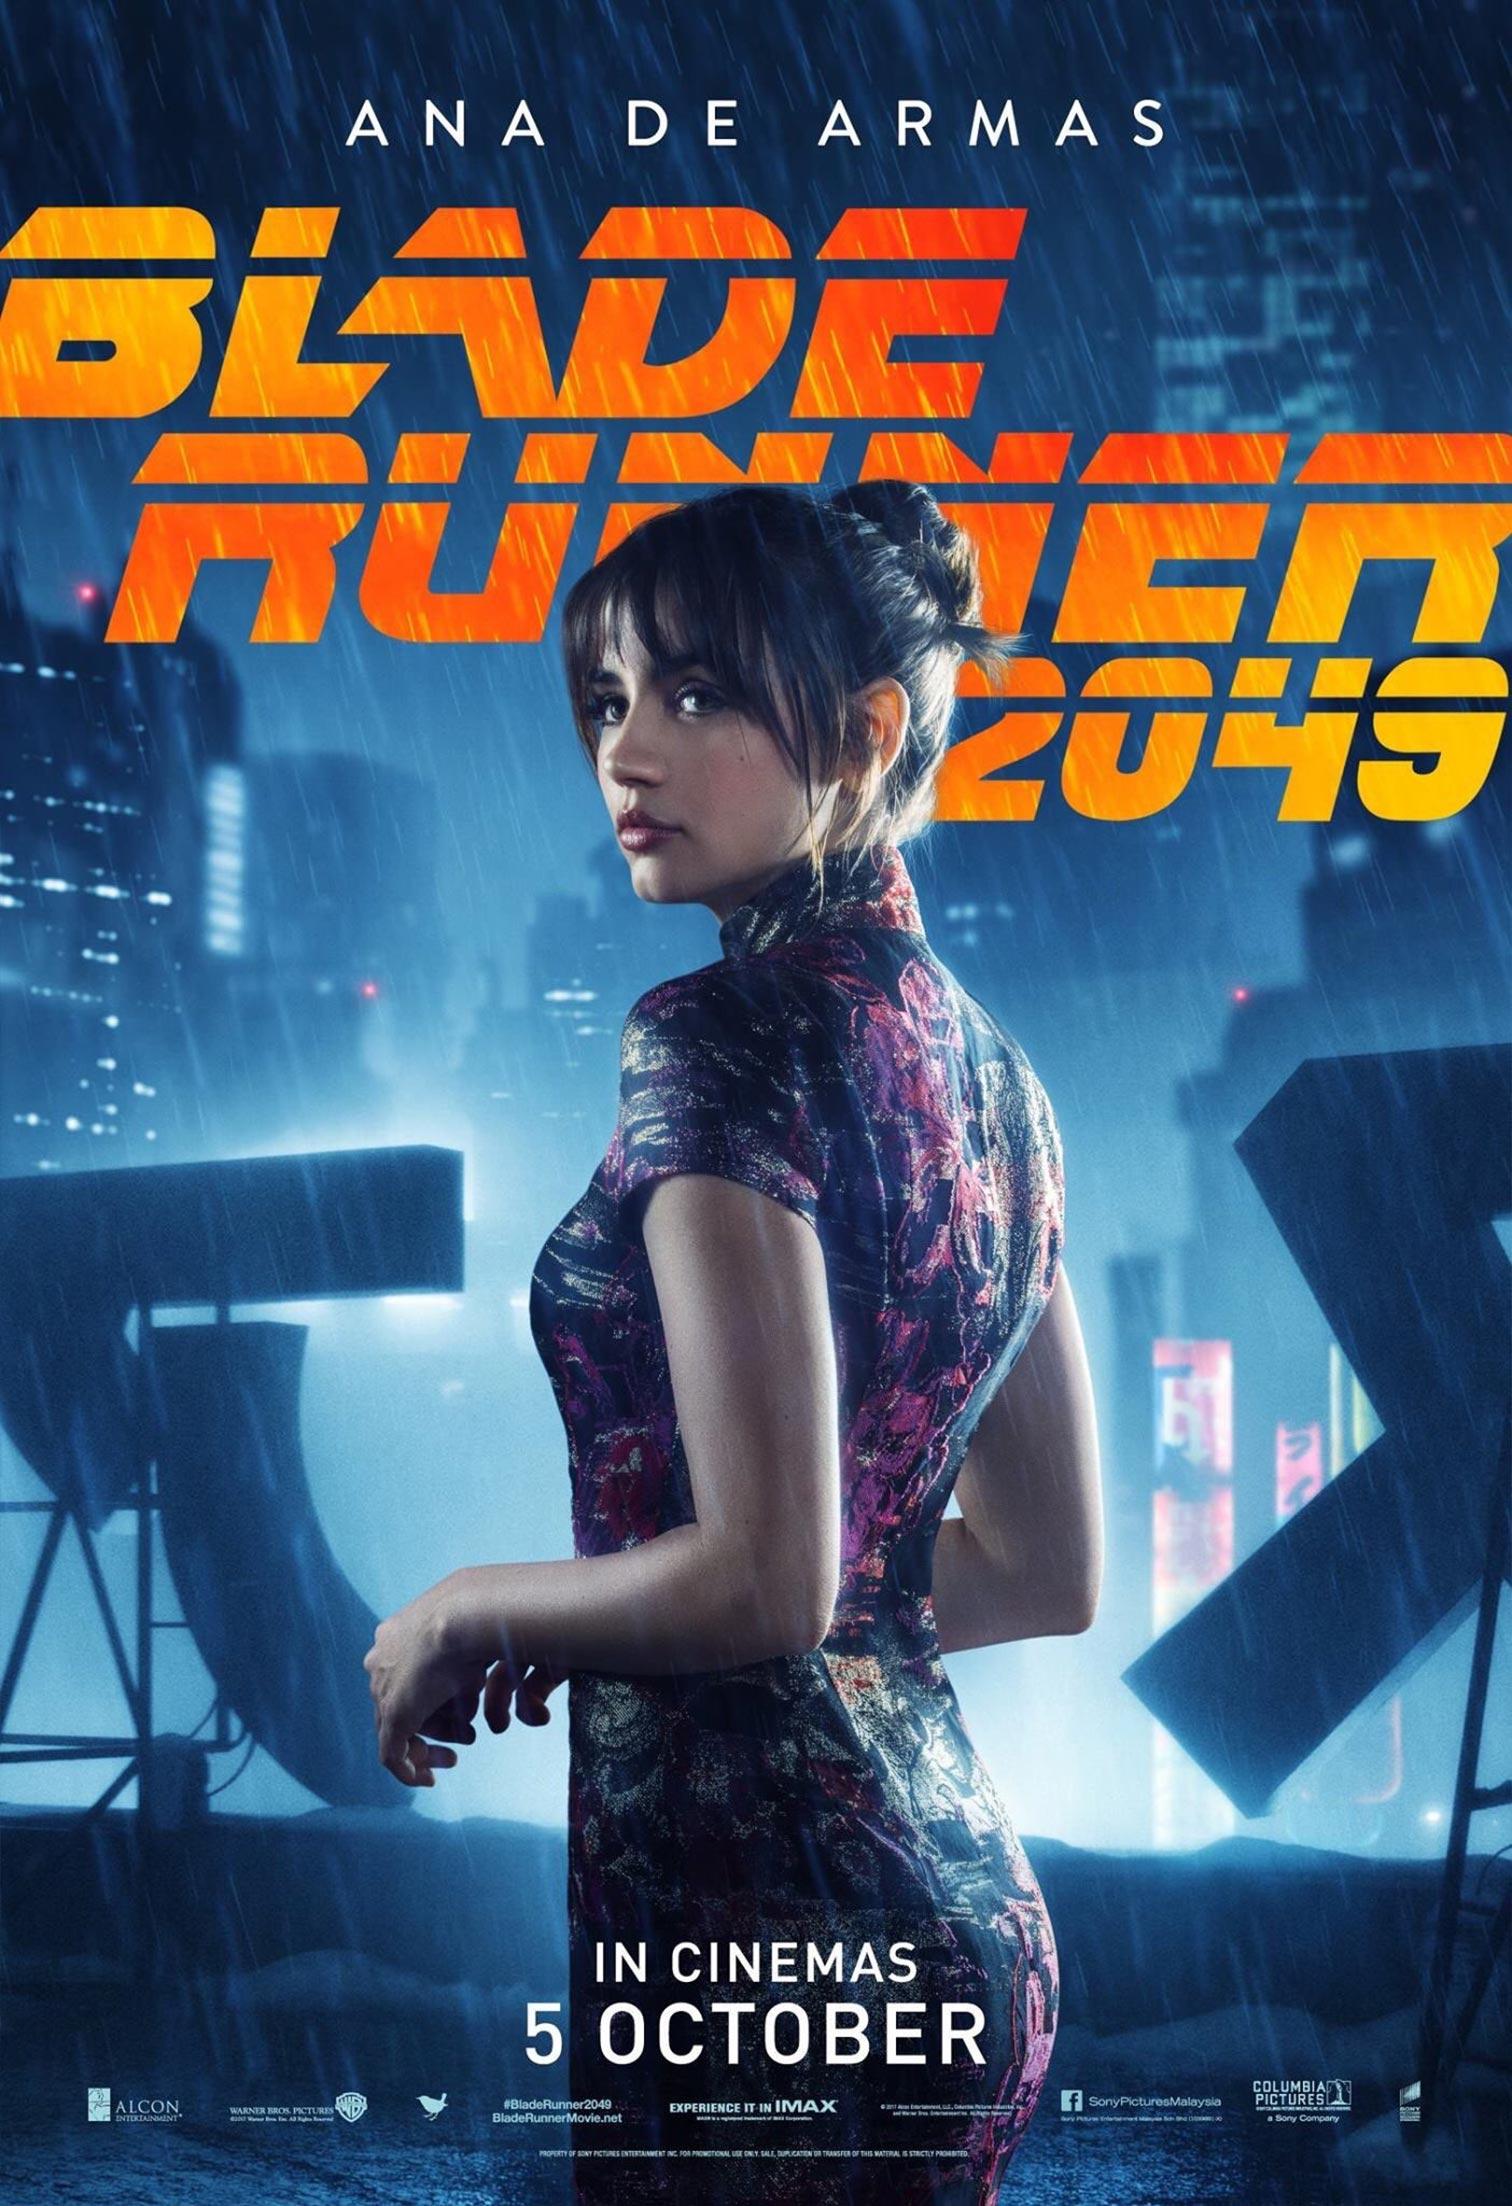 Blade Runner 2049[DVDRip] [Latino] [1 Link] [MEGA]